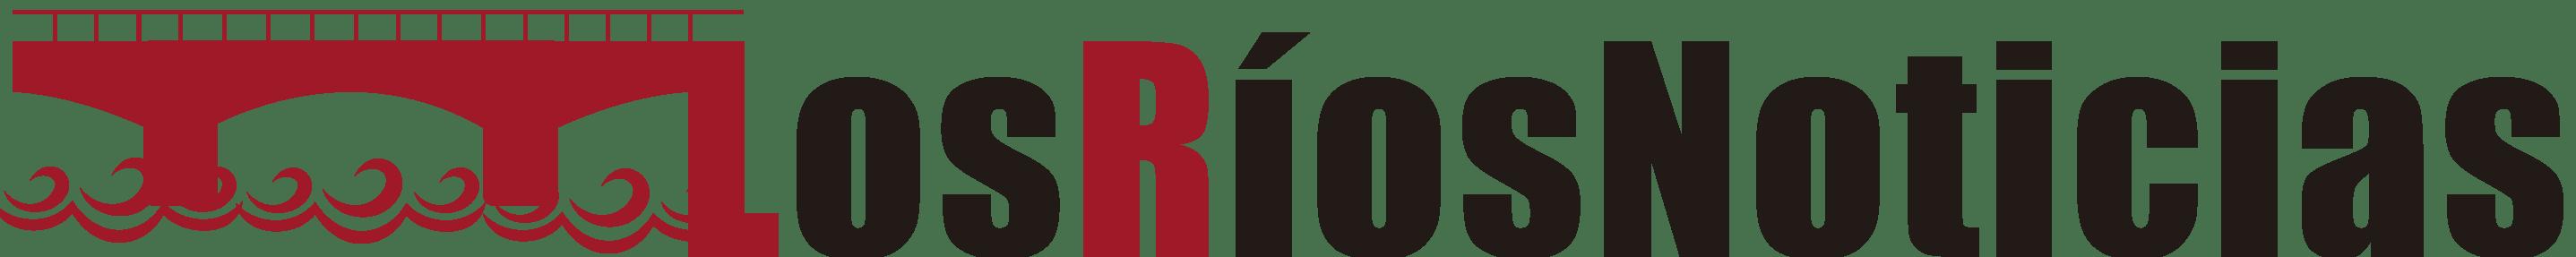 3 Logos noticias alargado FINAL-01